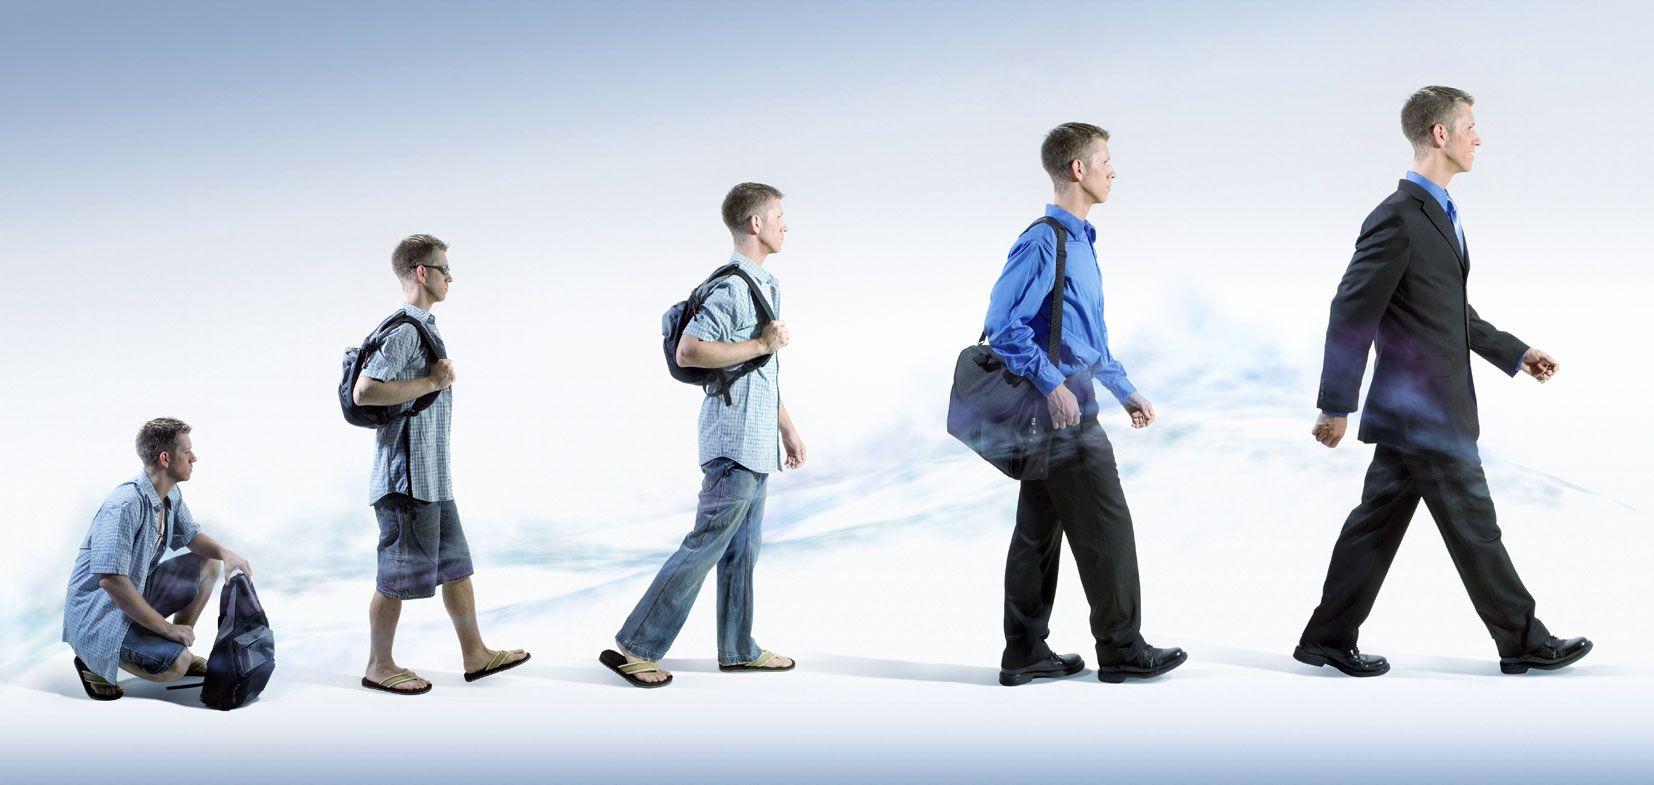 European Funding Guide: il portale che aiuta gli studenti a trovare una borsa di studio